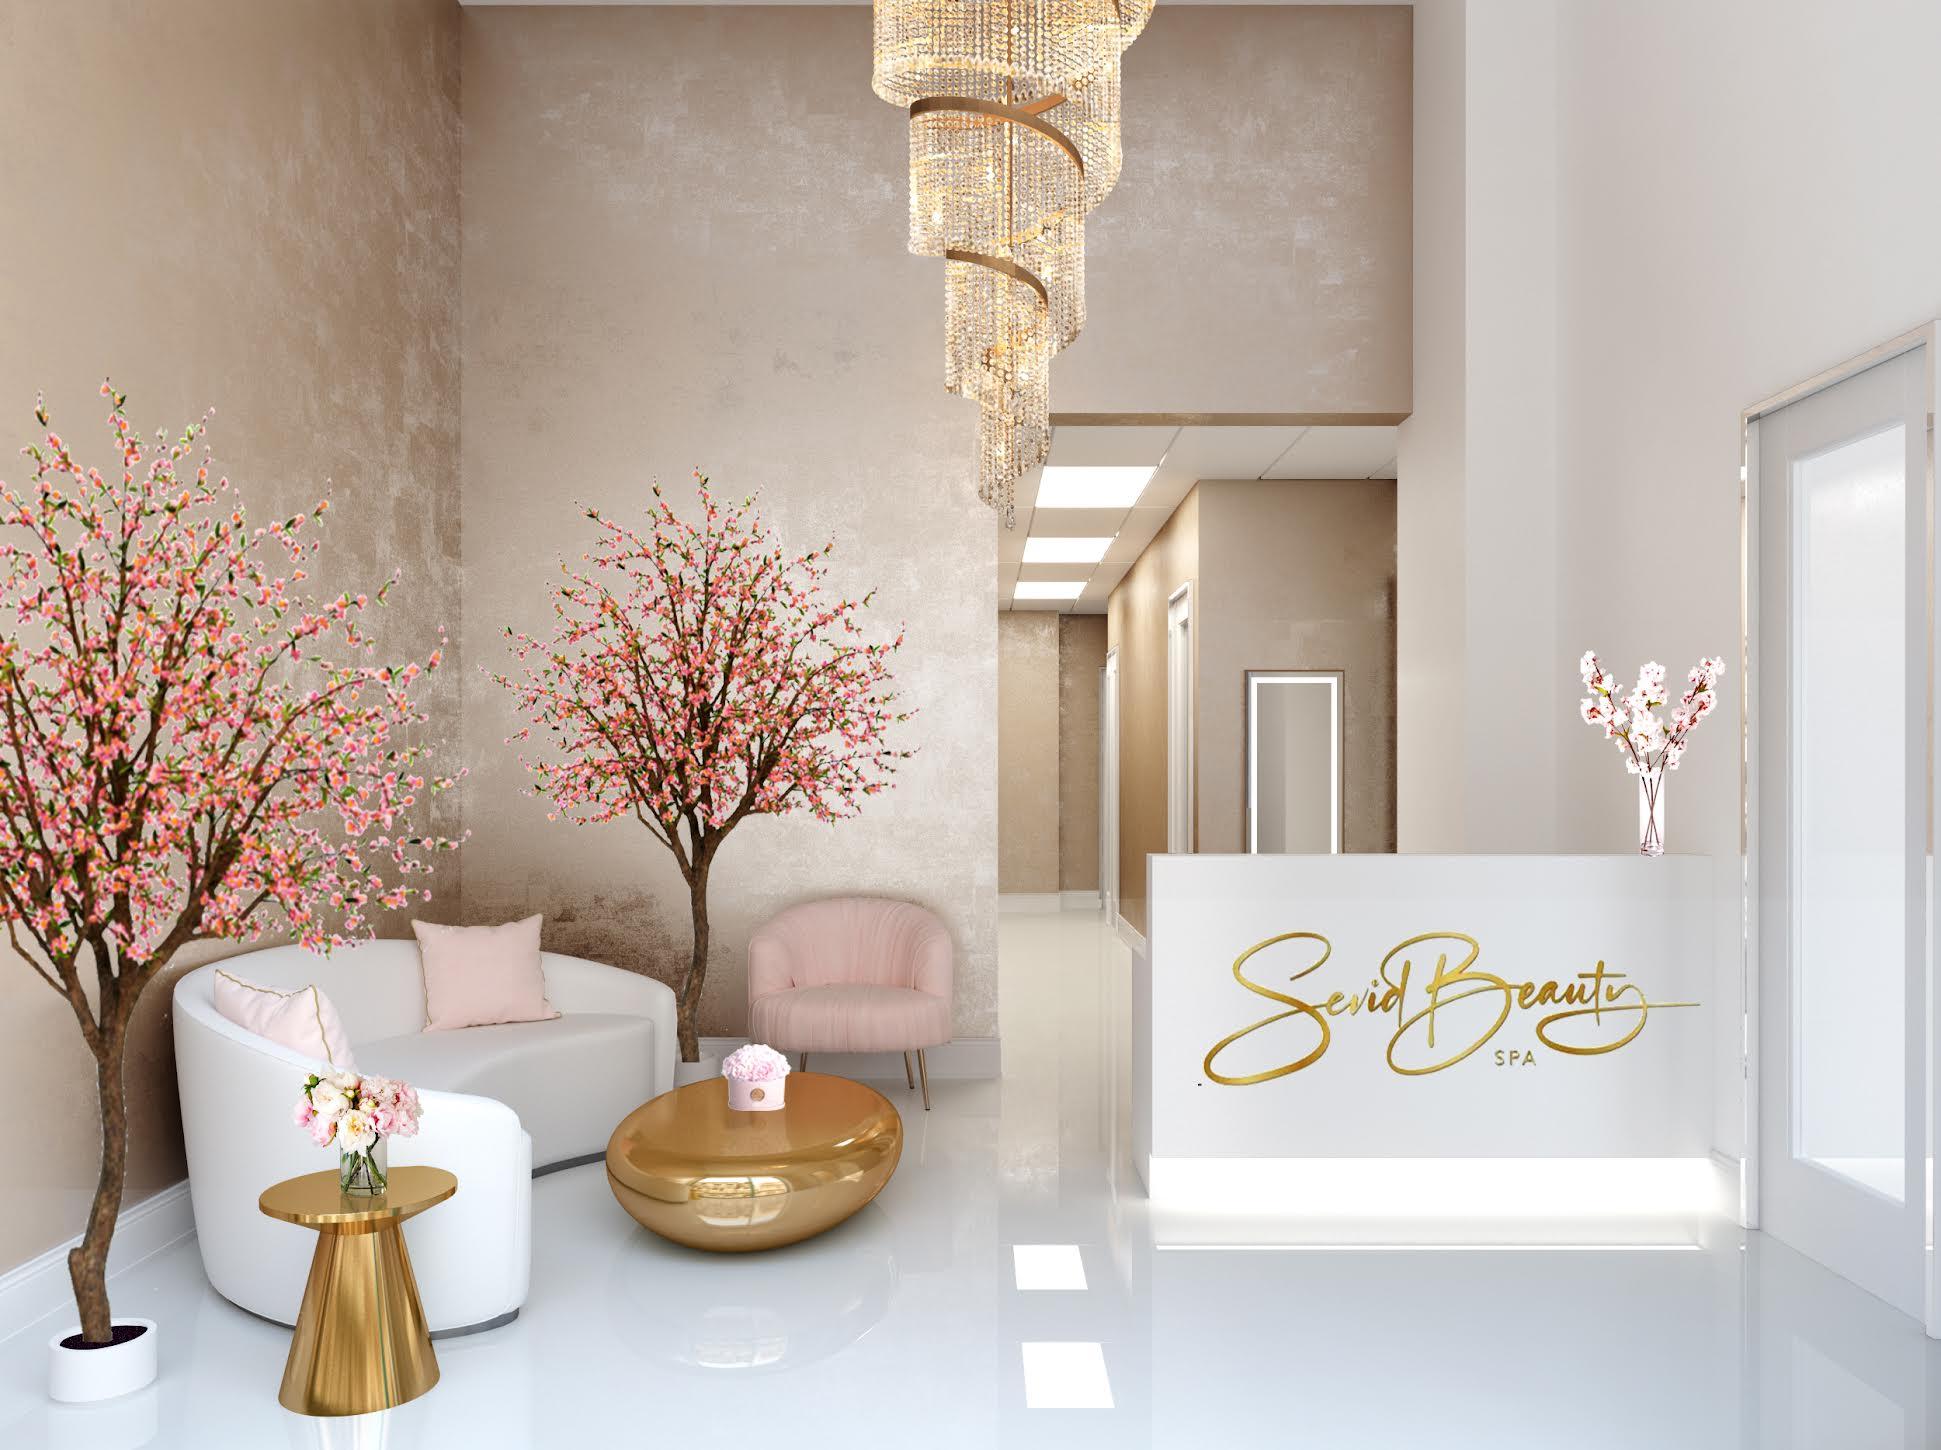 Sevid Beauty Bellevue